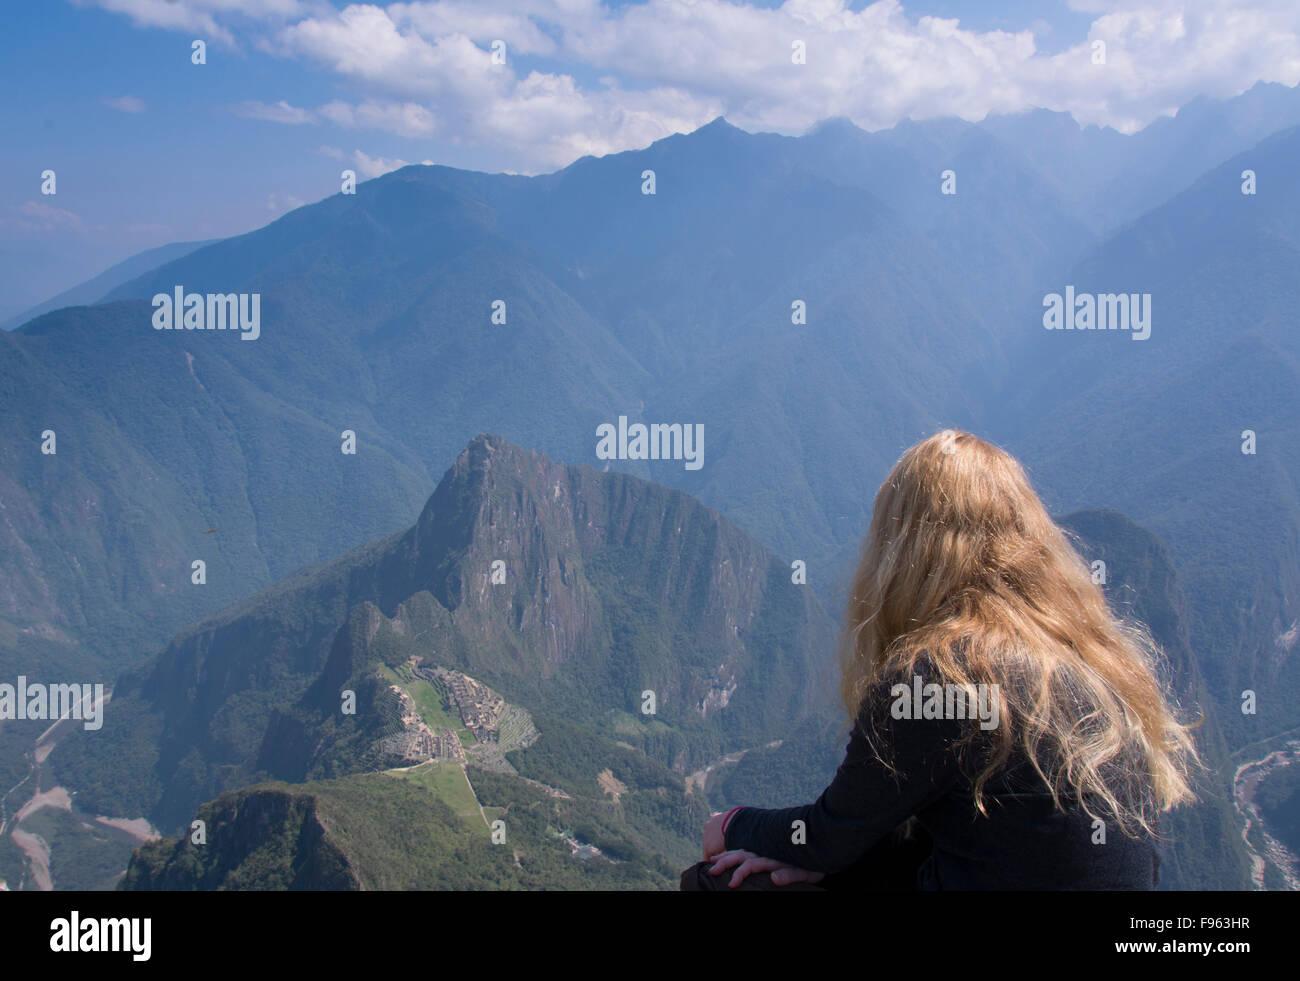 Reisende auf dem hohen Blickwinkel von Montana Machu Picchu, Peru Stockbild